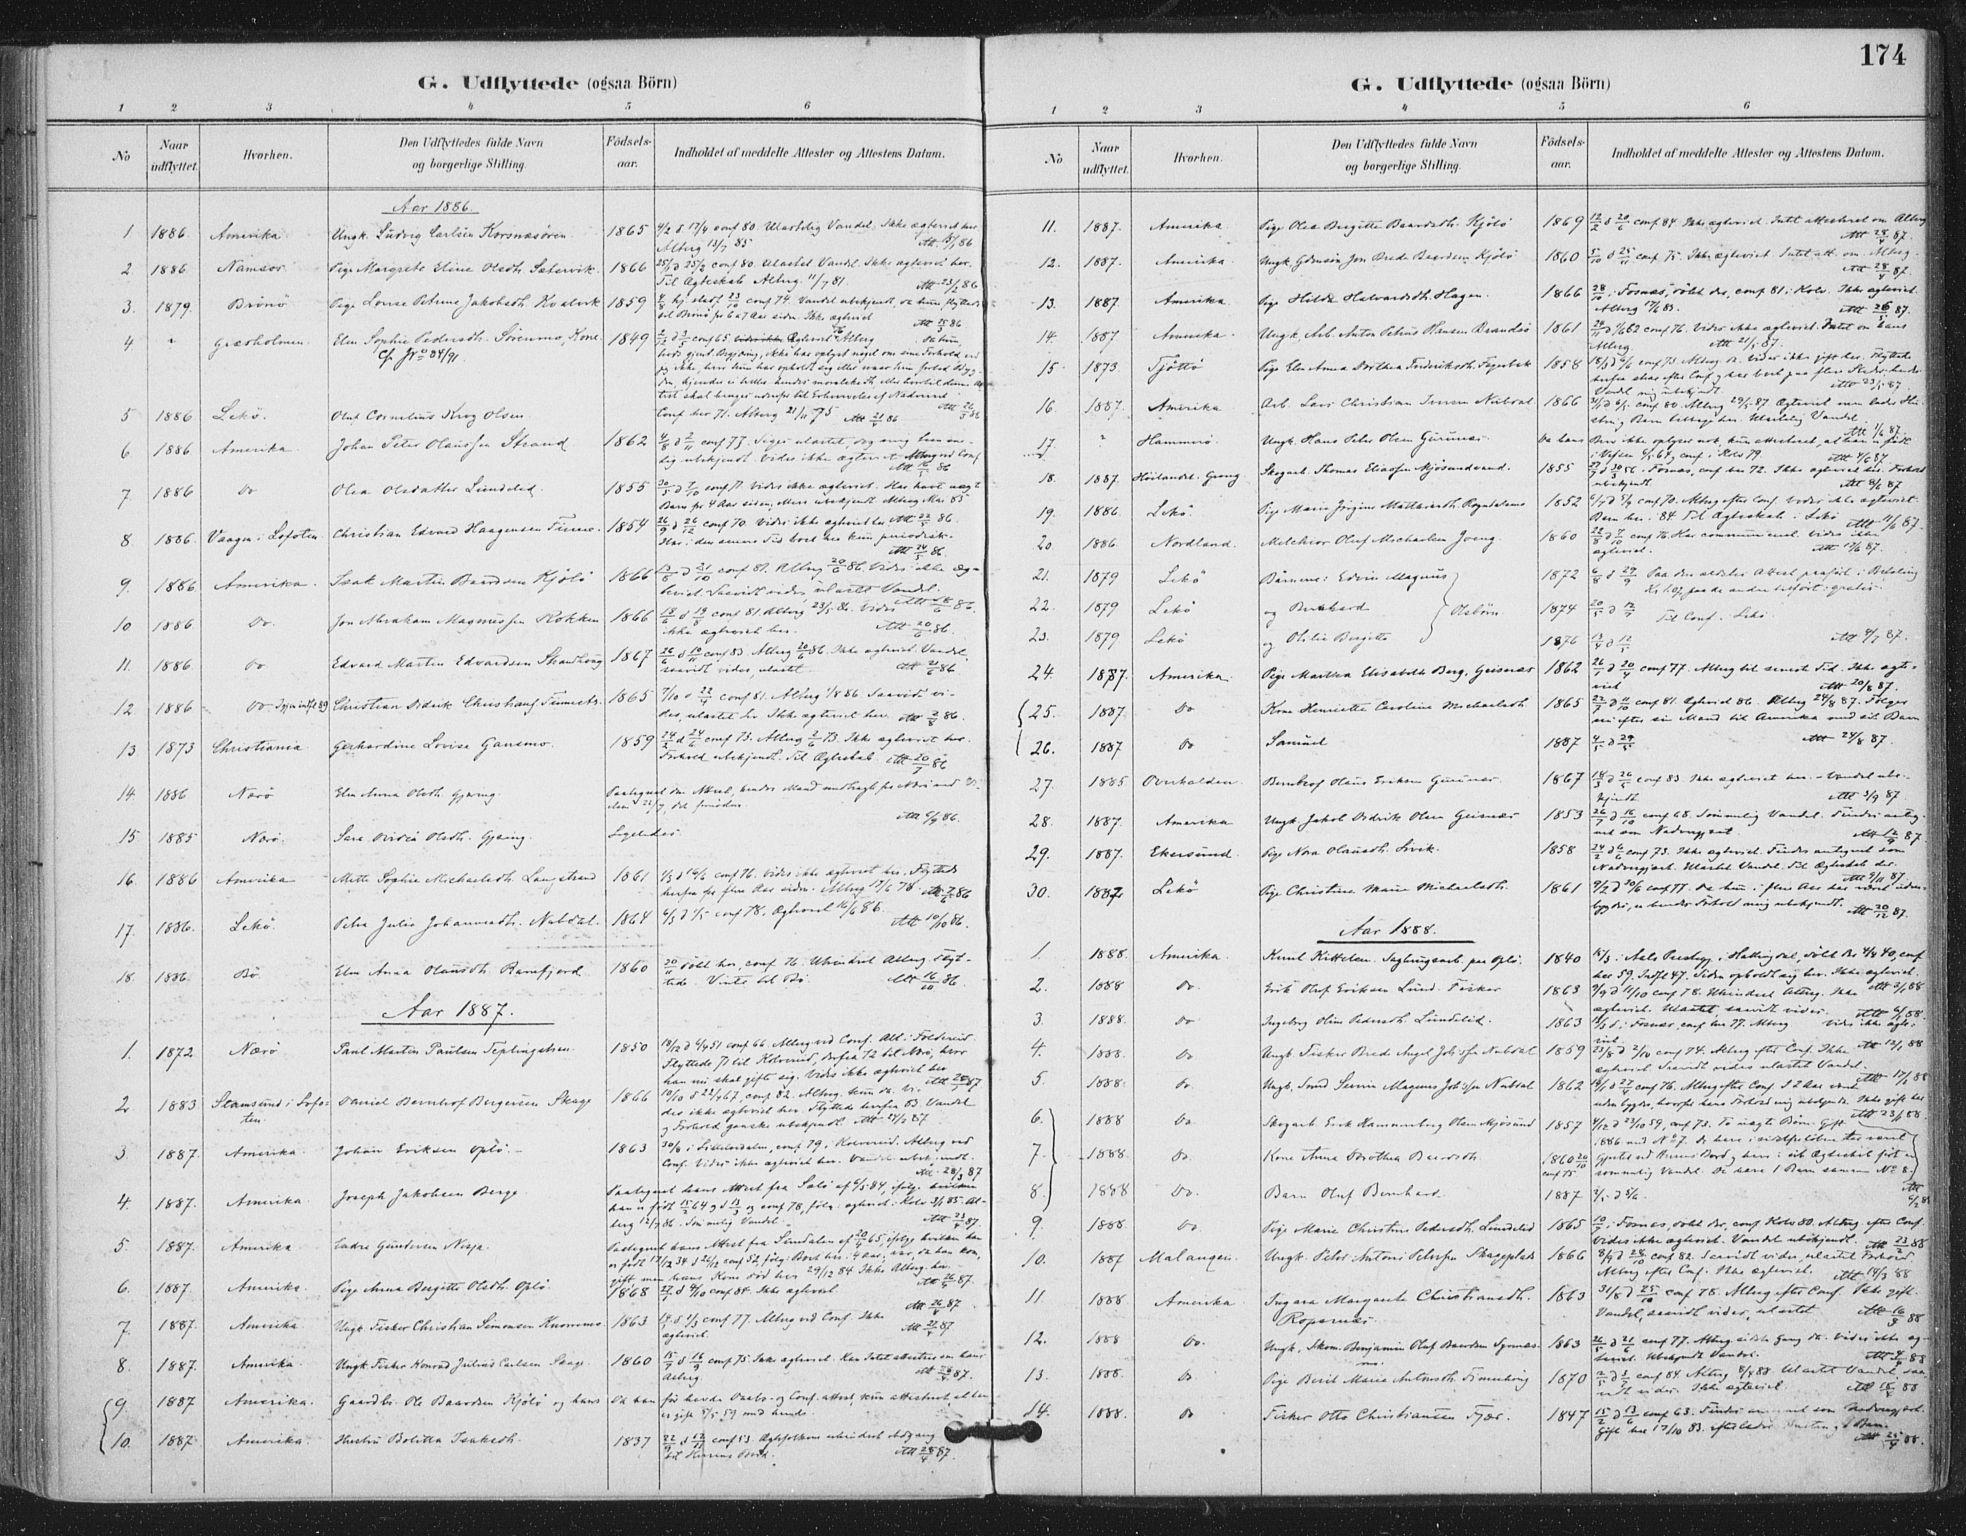 SAT, Ministerialprotokoller, klokkerbøker og fødselsregistre - Nord-Trøndelag, 780/L0644: Ministerialbok nr. 780A08, 1886-1903, s. 174